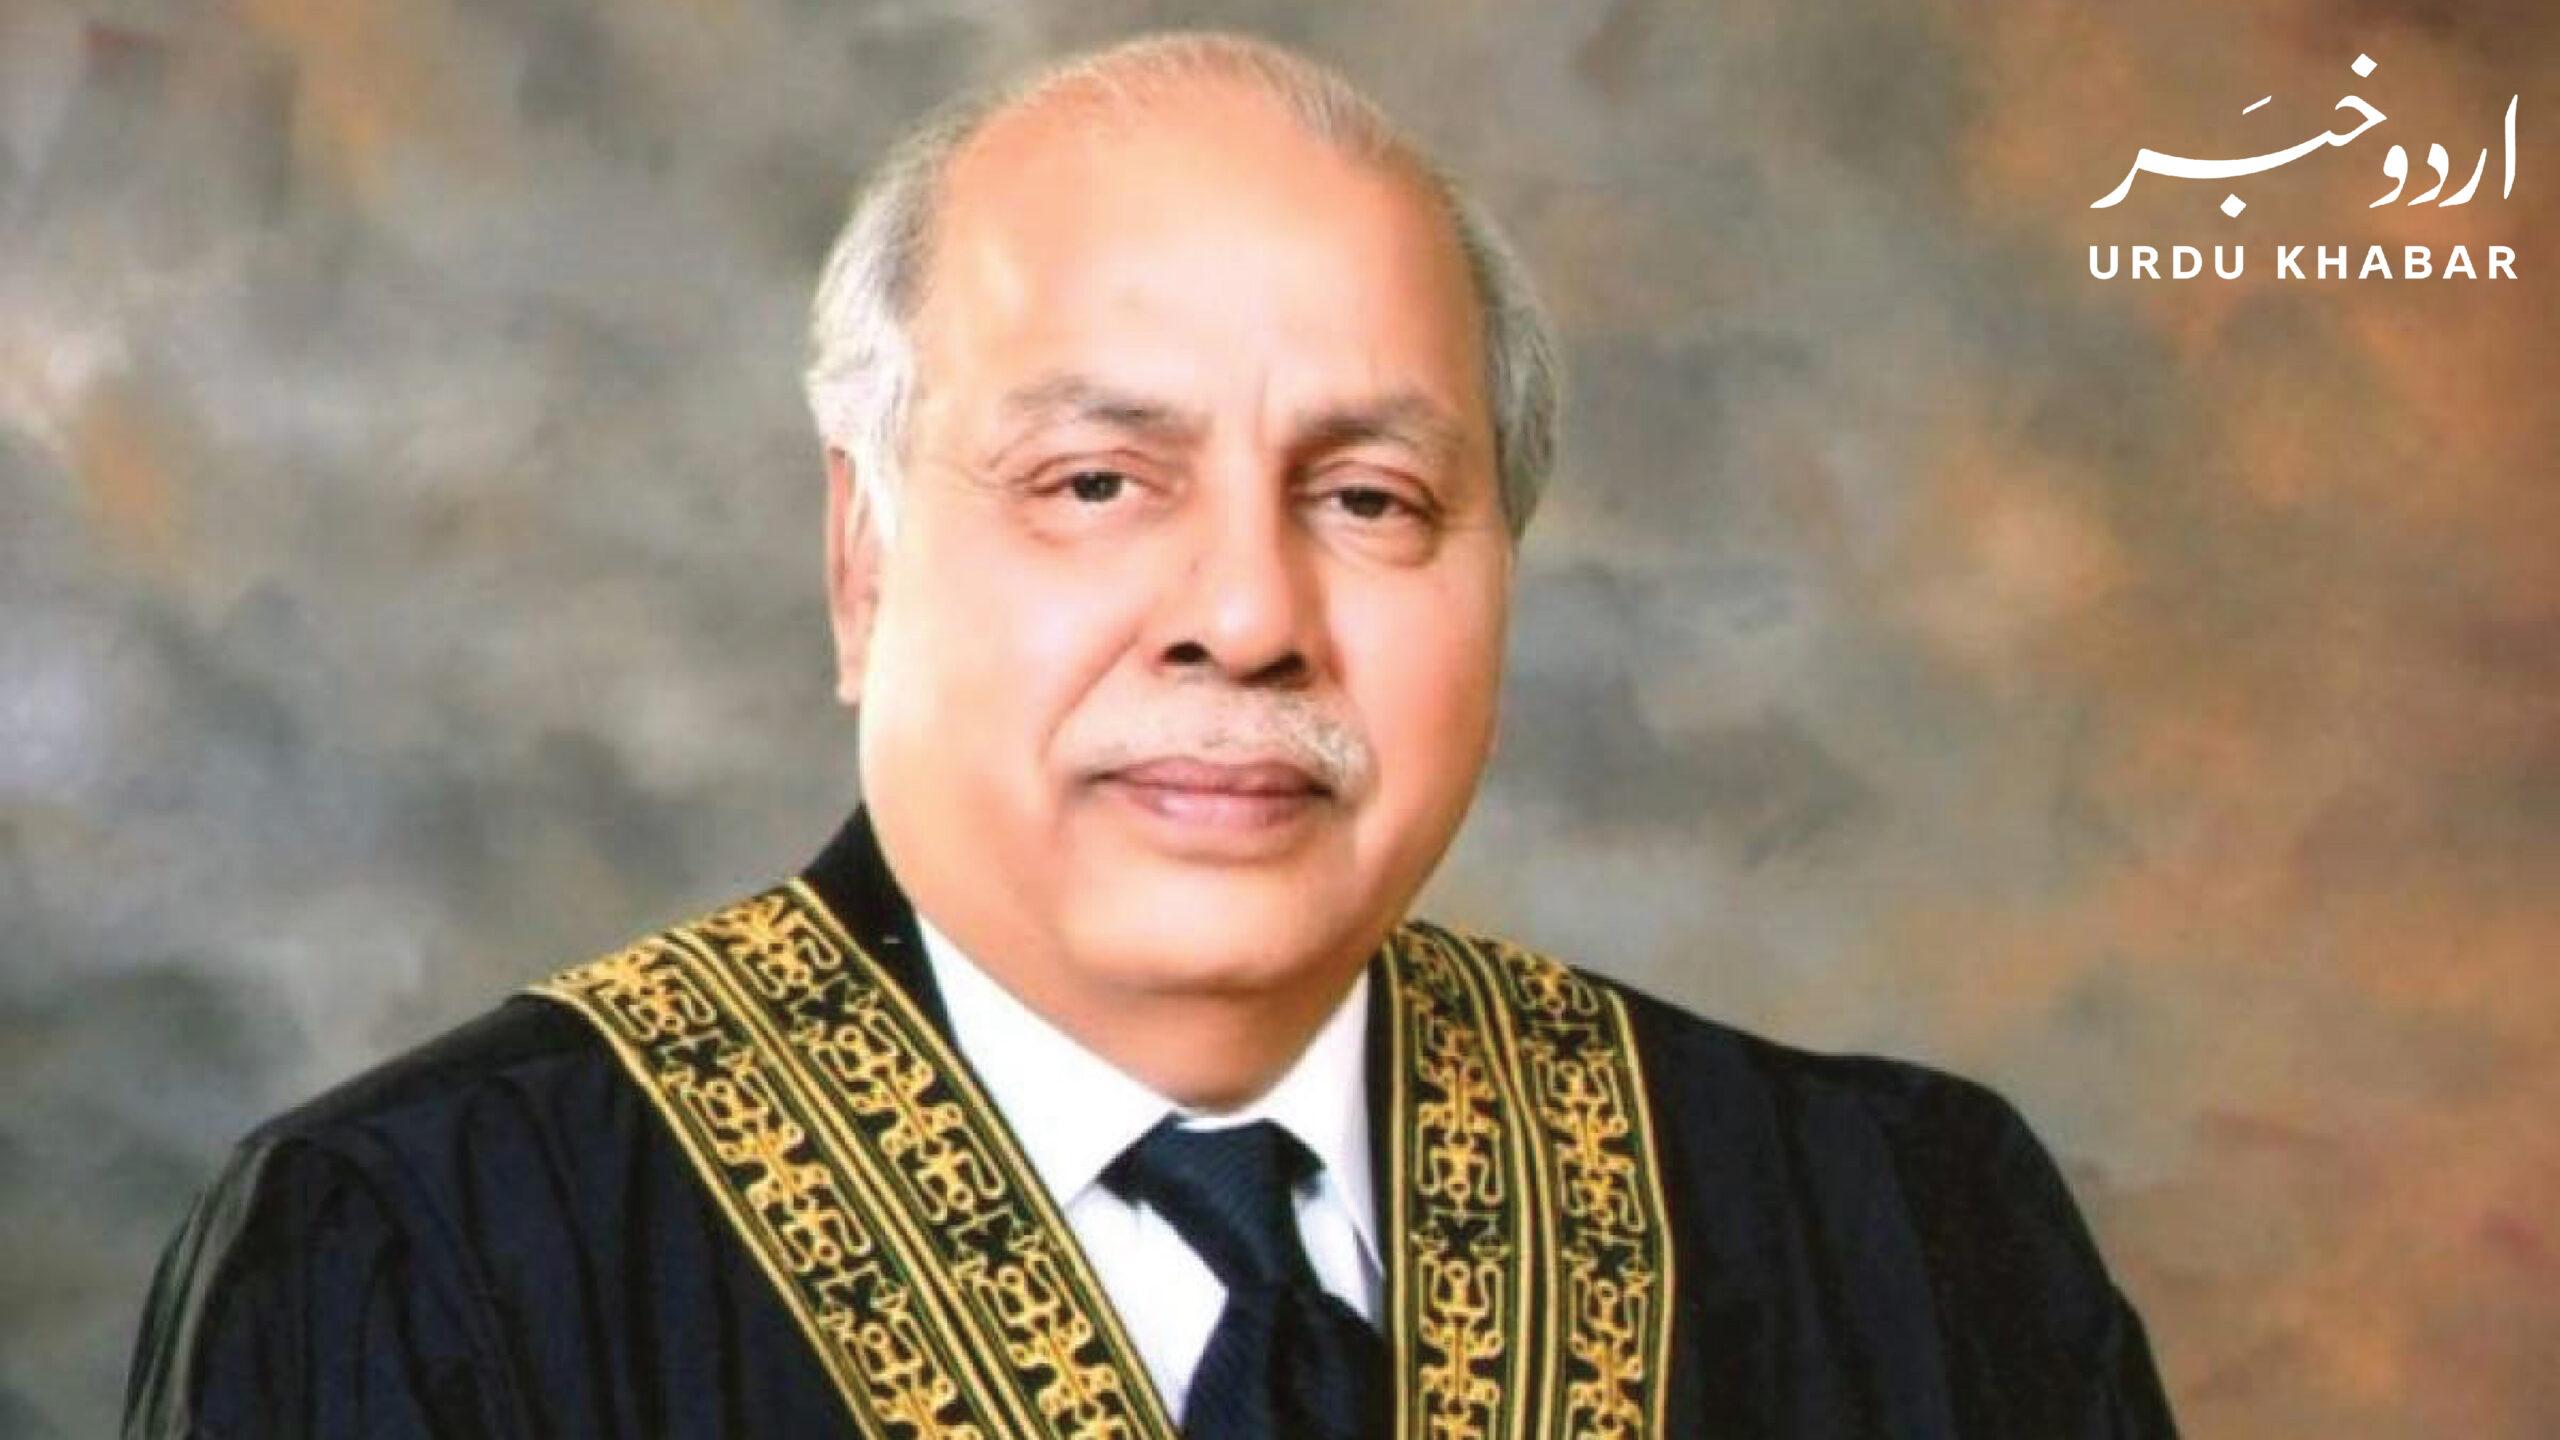 مندر پر حملہ کے الزام میں عدالت کا تمام ملزمان کو گرفتار کرنے کا حکم